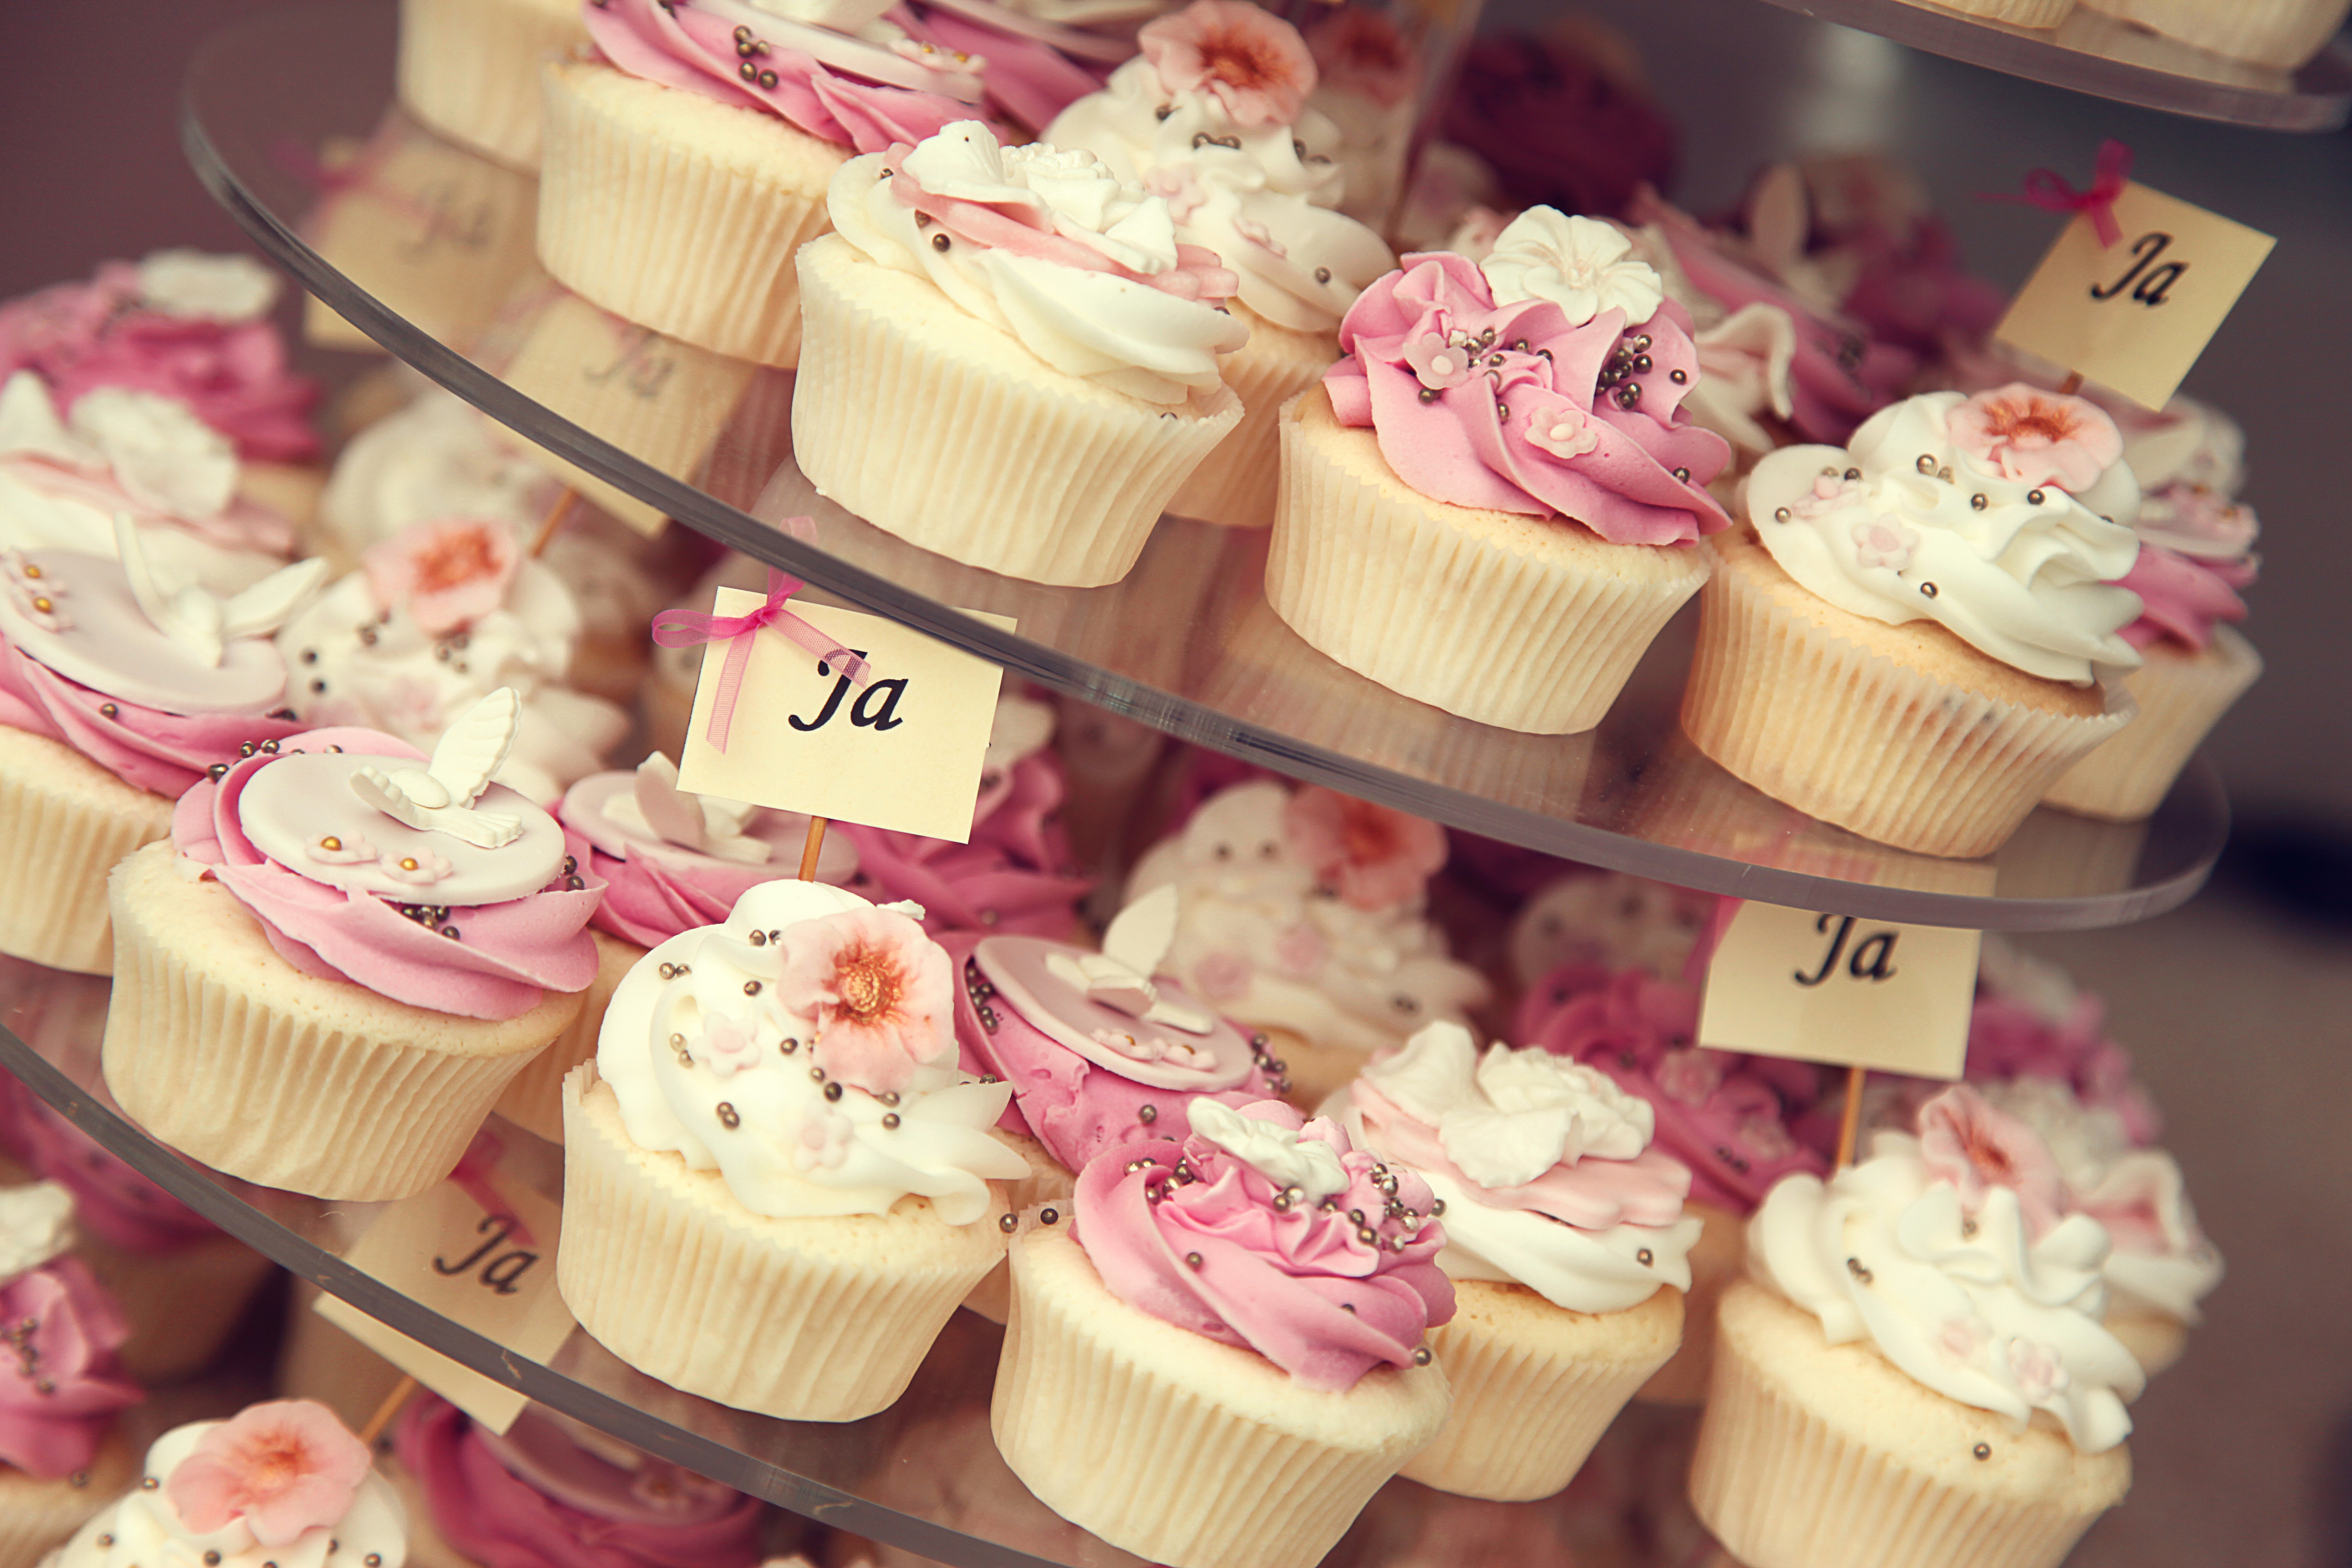 кекс пирожное десерт cupcake cake dessert бесплатно